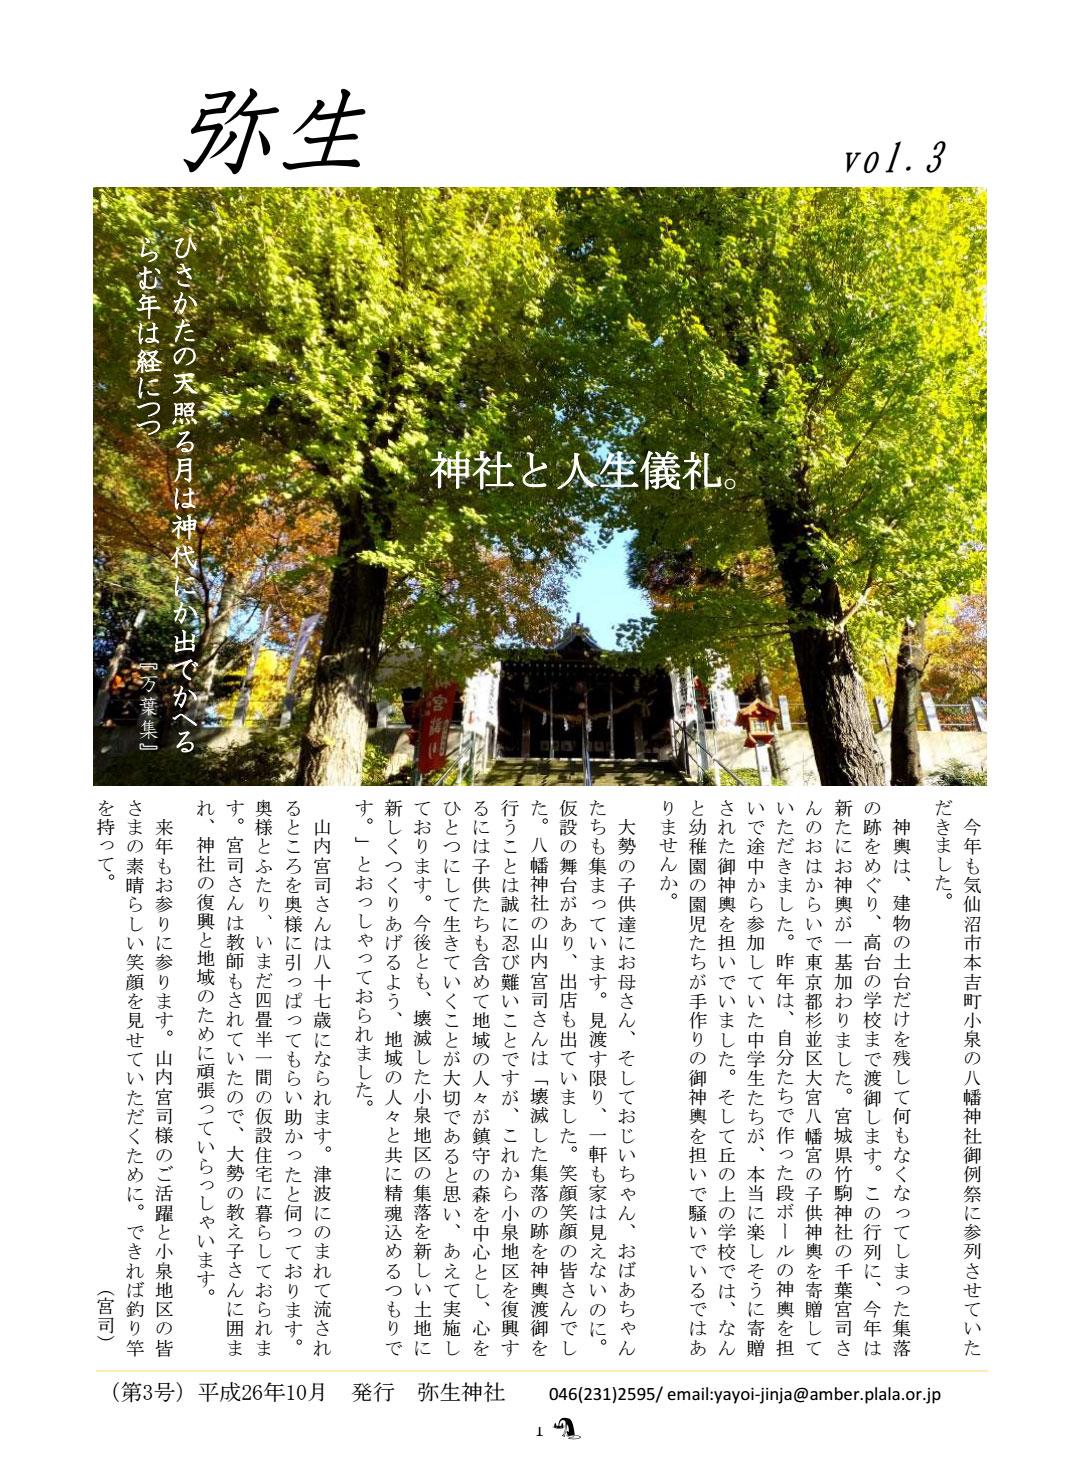 社報「弥生」vol.3